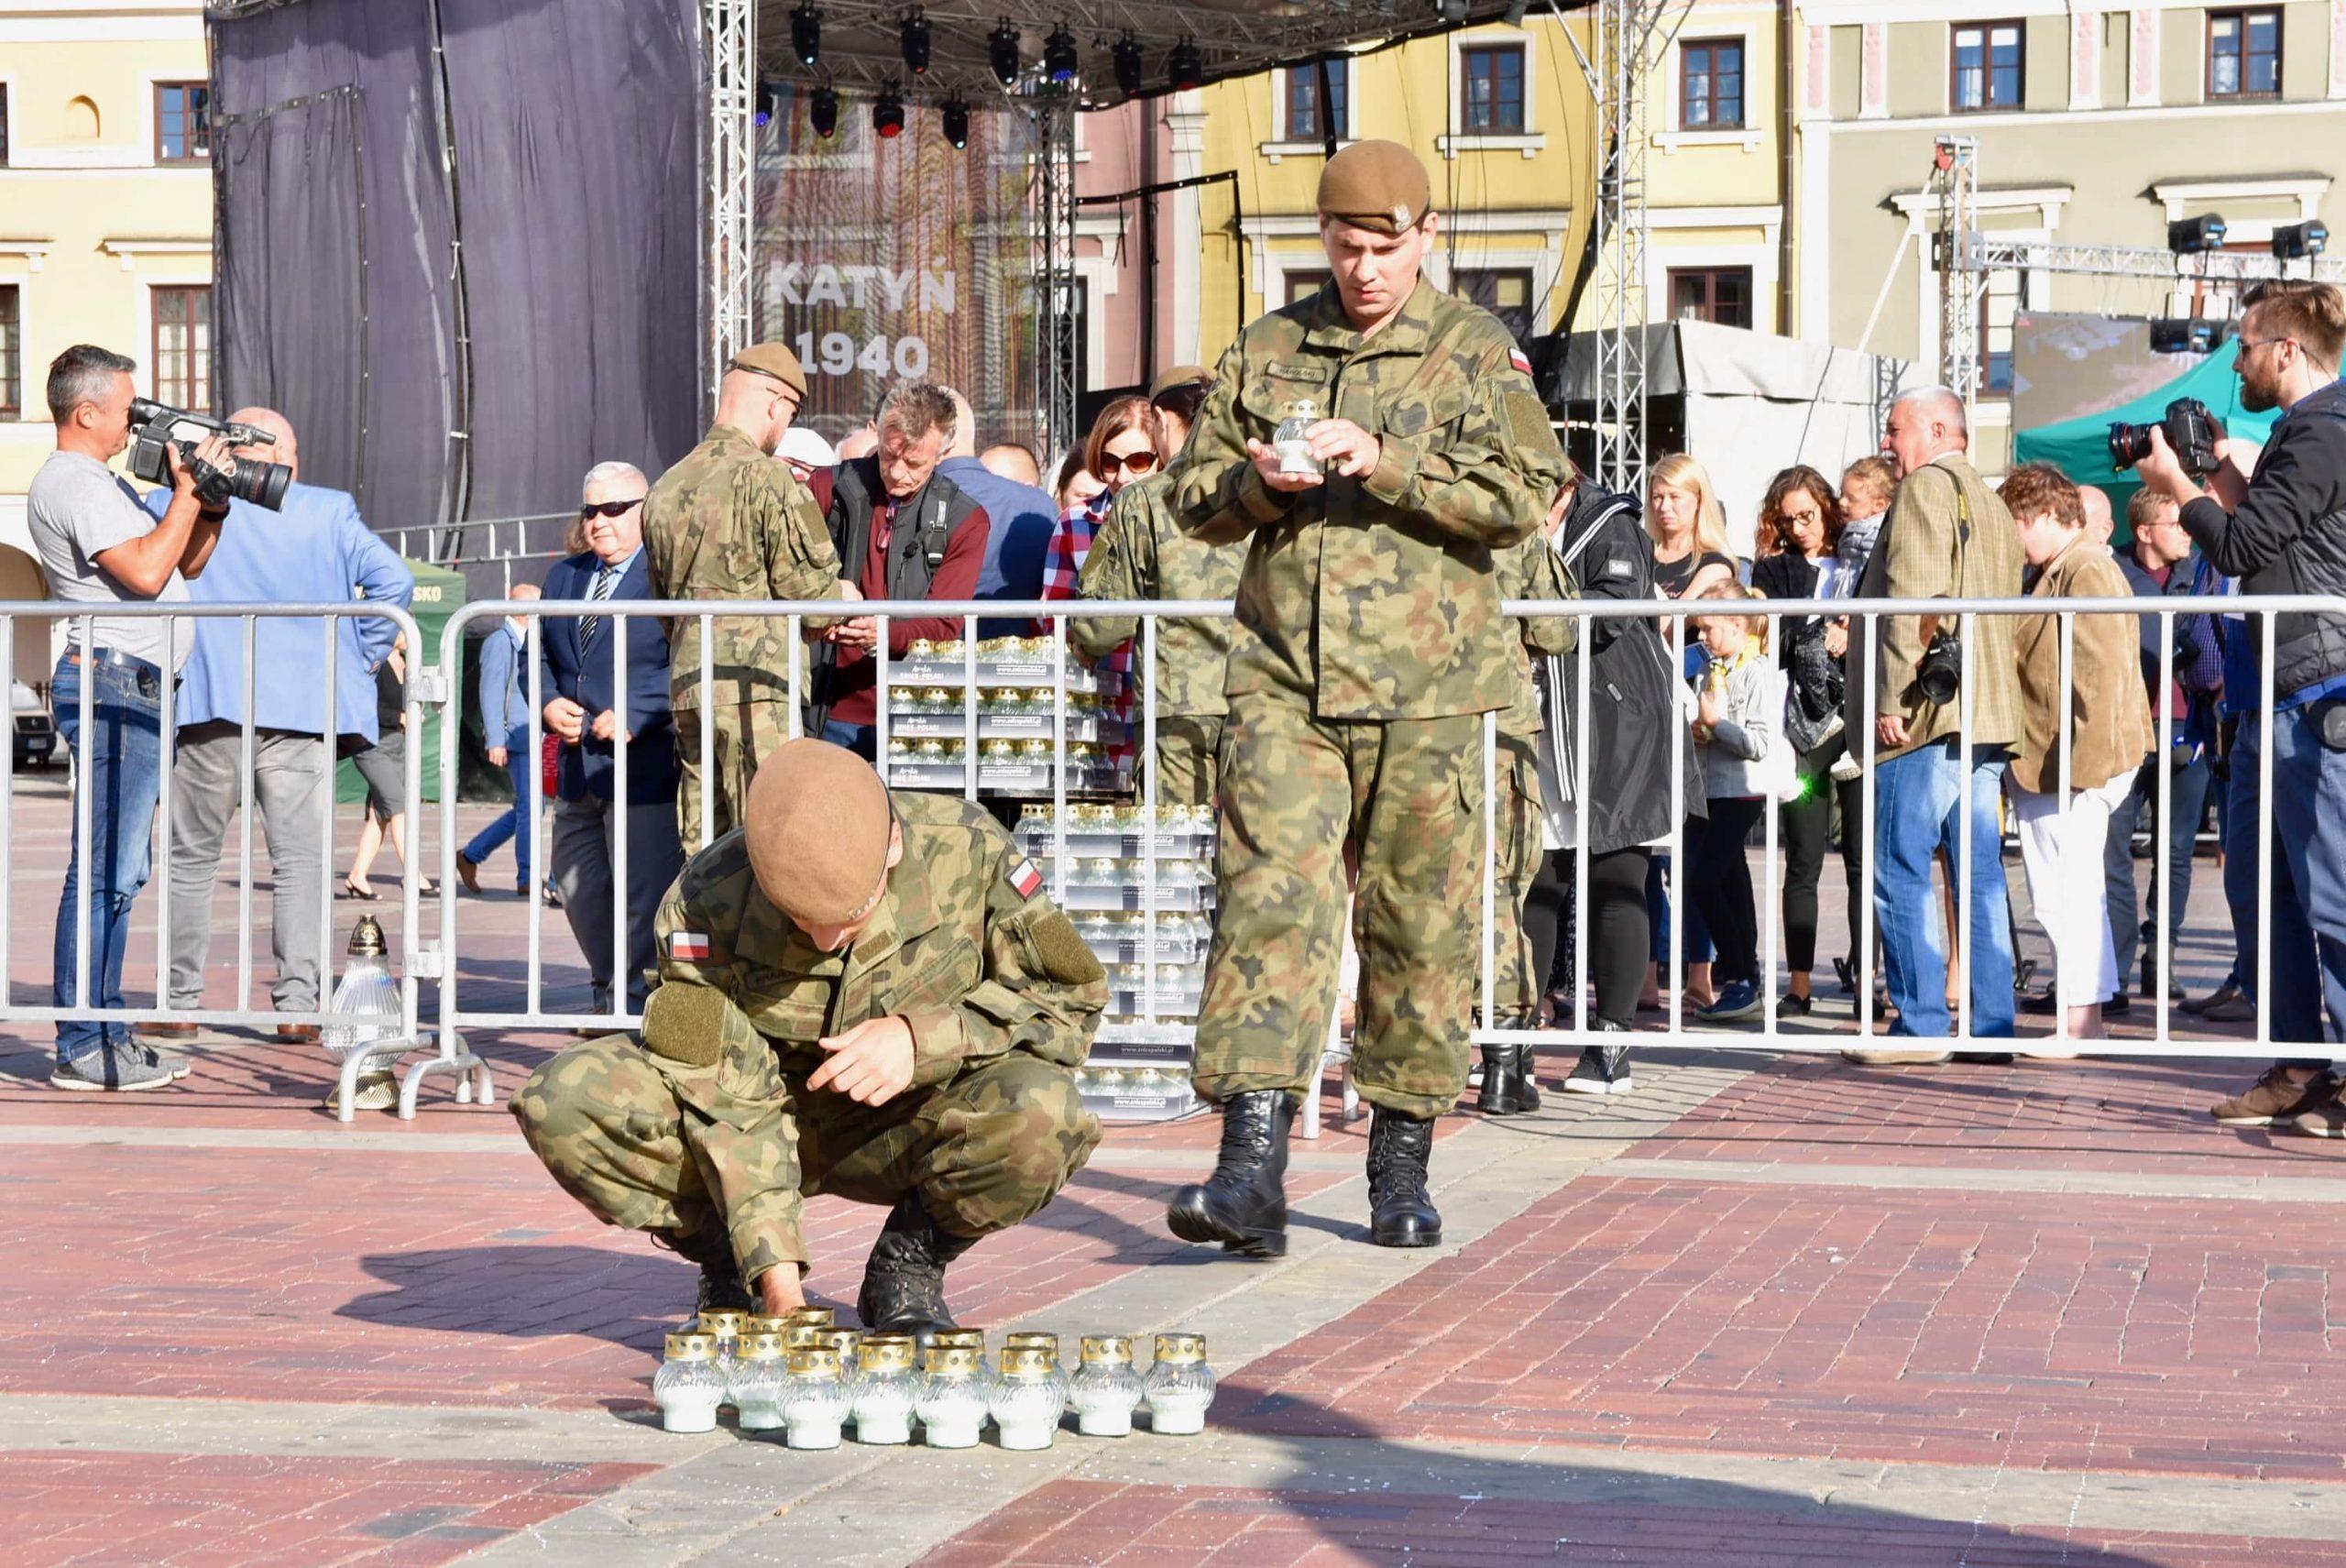 dsc 7194 scaled Tyle zniczy ilu zamordowanych w Katyniu (dużo zdjęć)